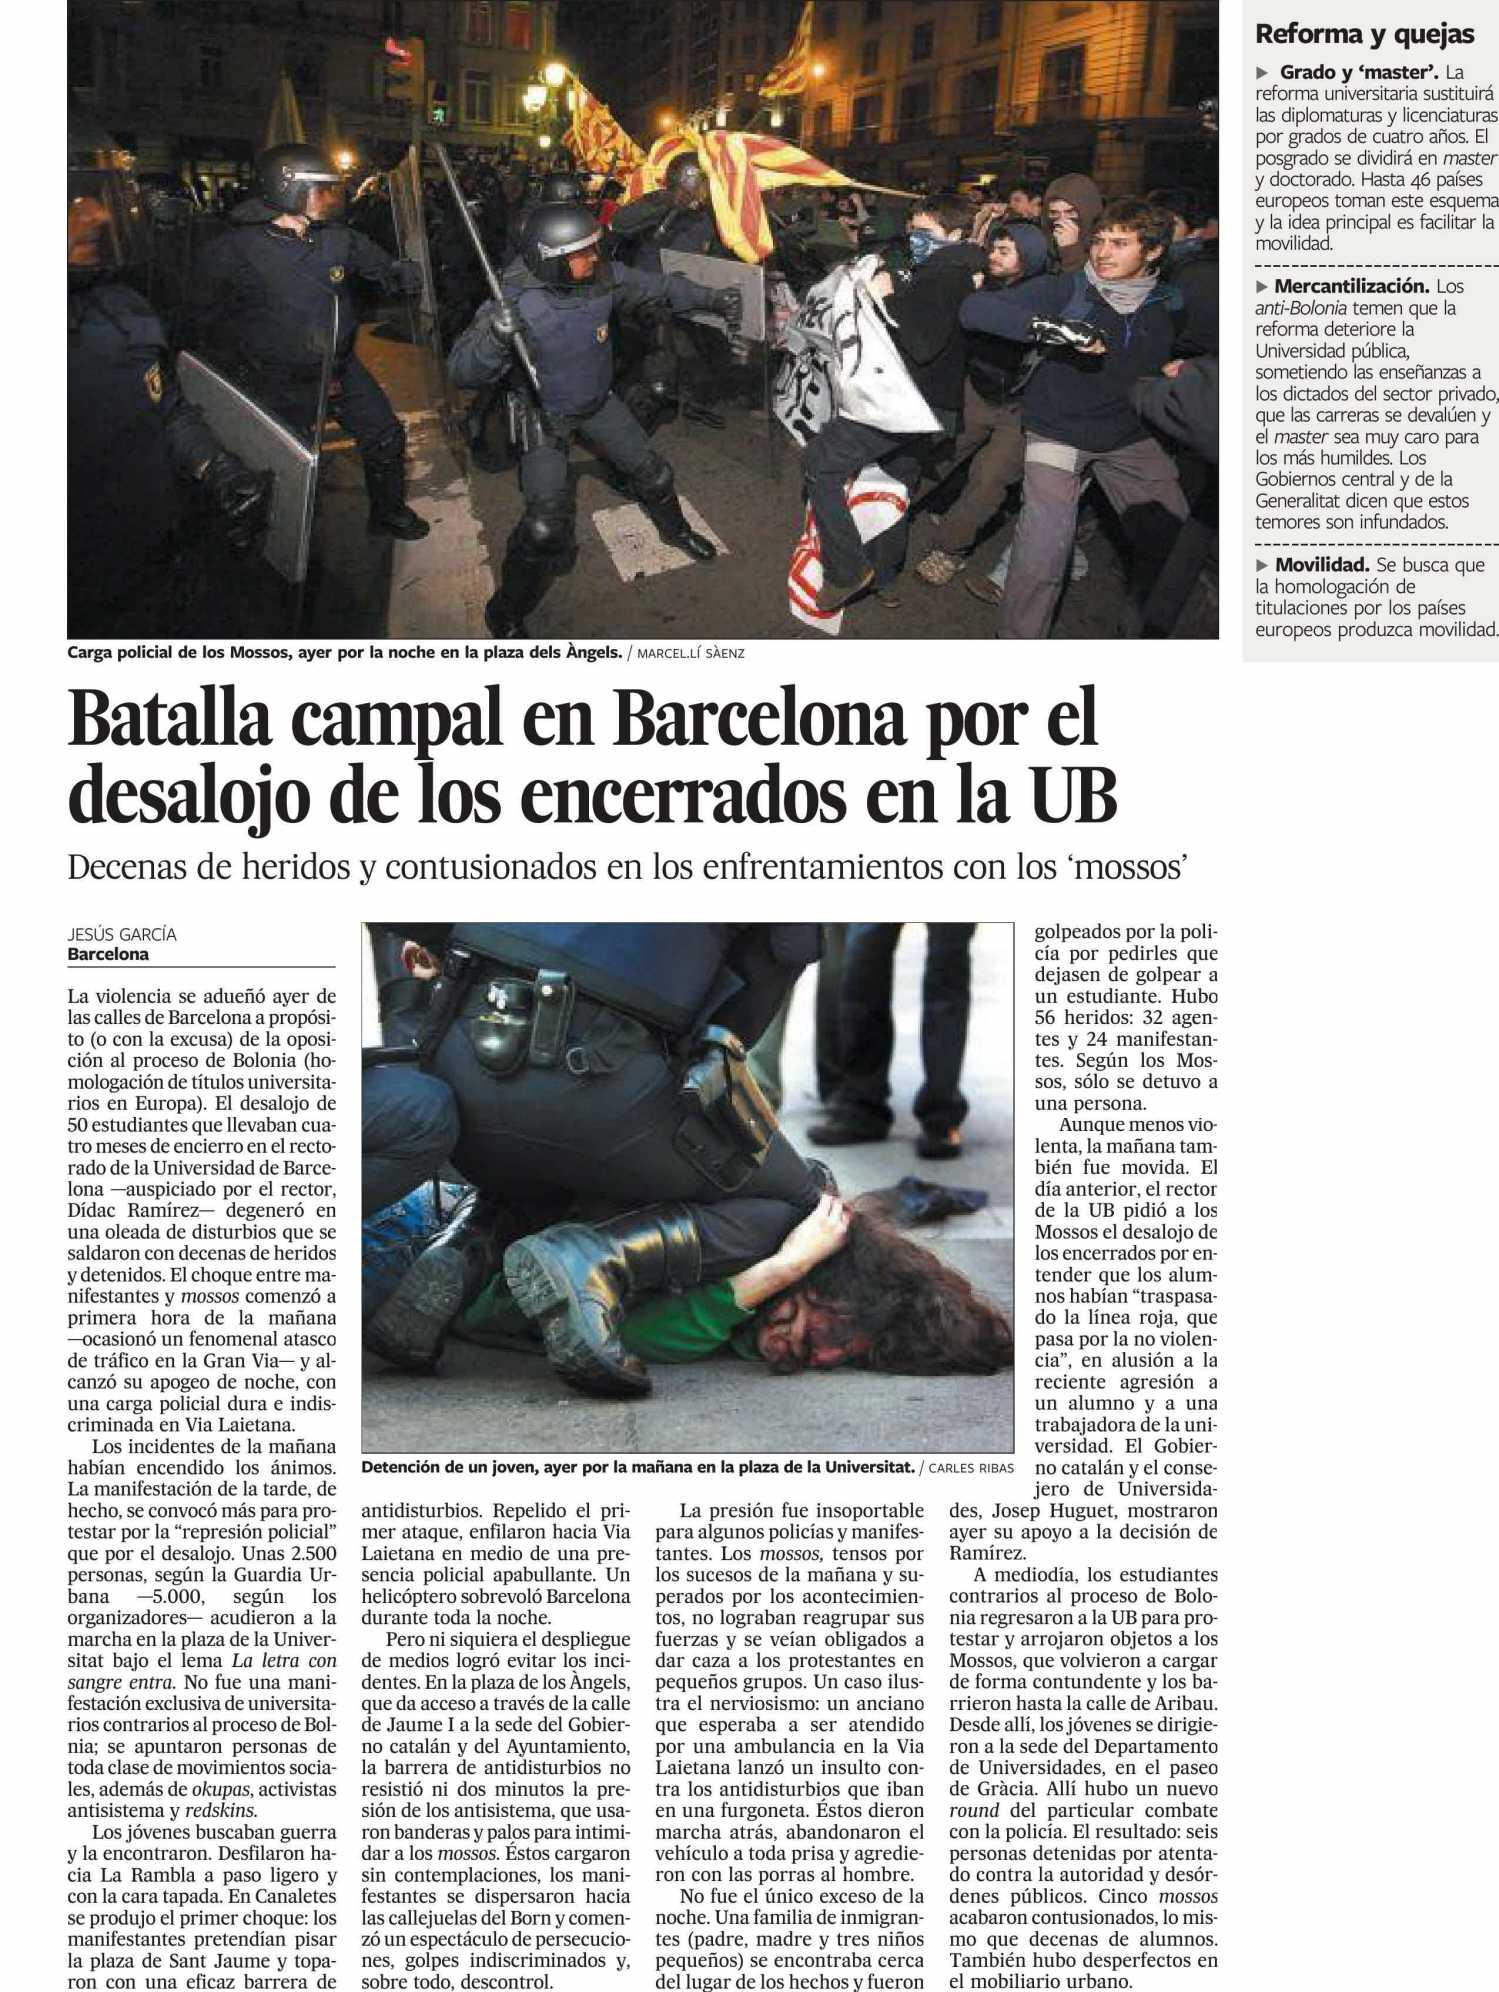 El País - 19 marzo 2009